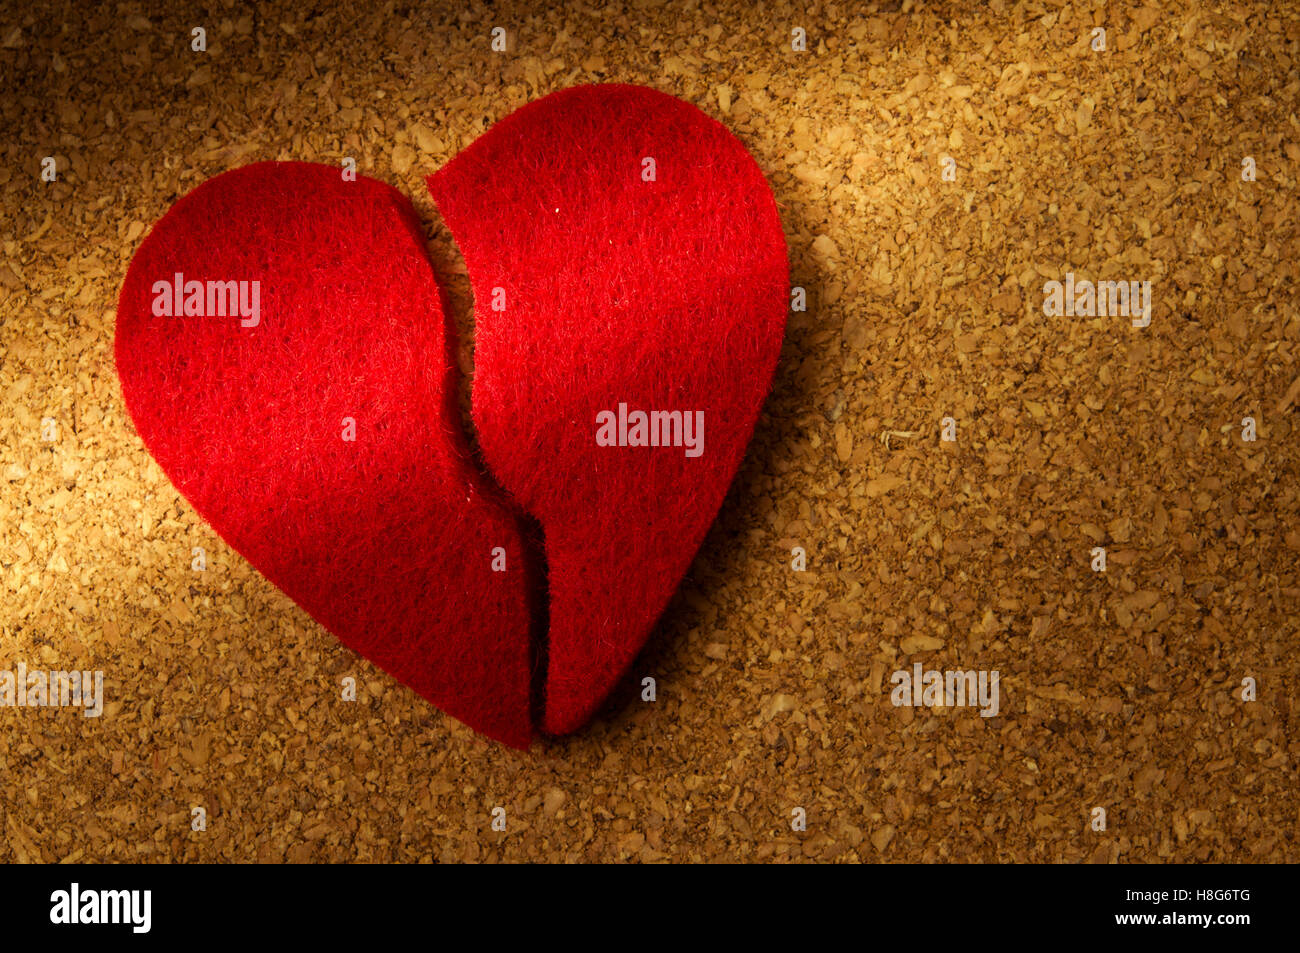 Cœur brisé, concept pour le divorce, la fin de la relation, l'histoire d'amour terminée Banque D'Images